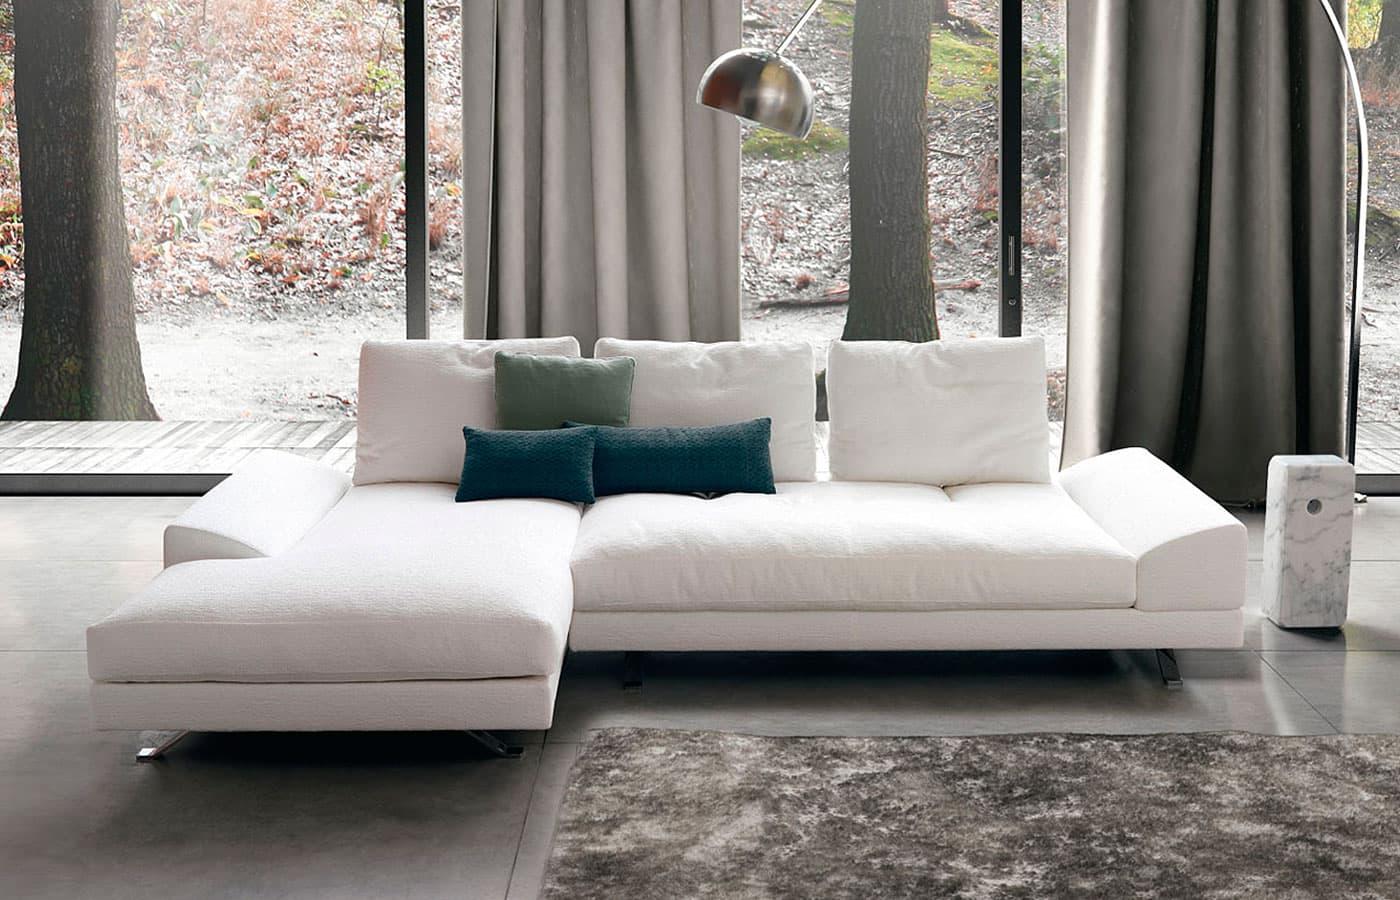 Divani componibili design divano componibile design - Ikea divano componibile ...